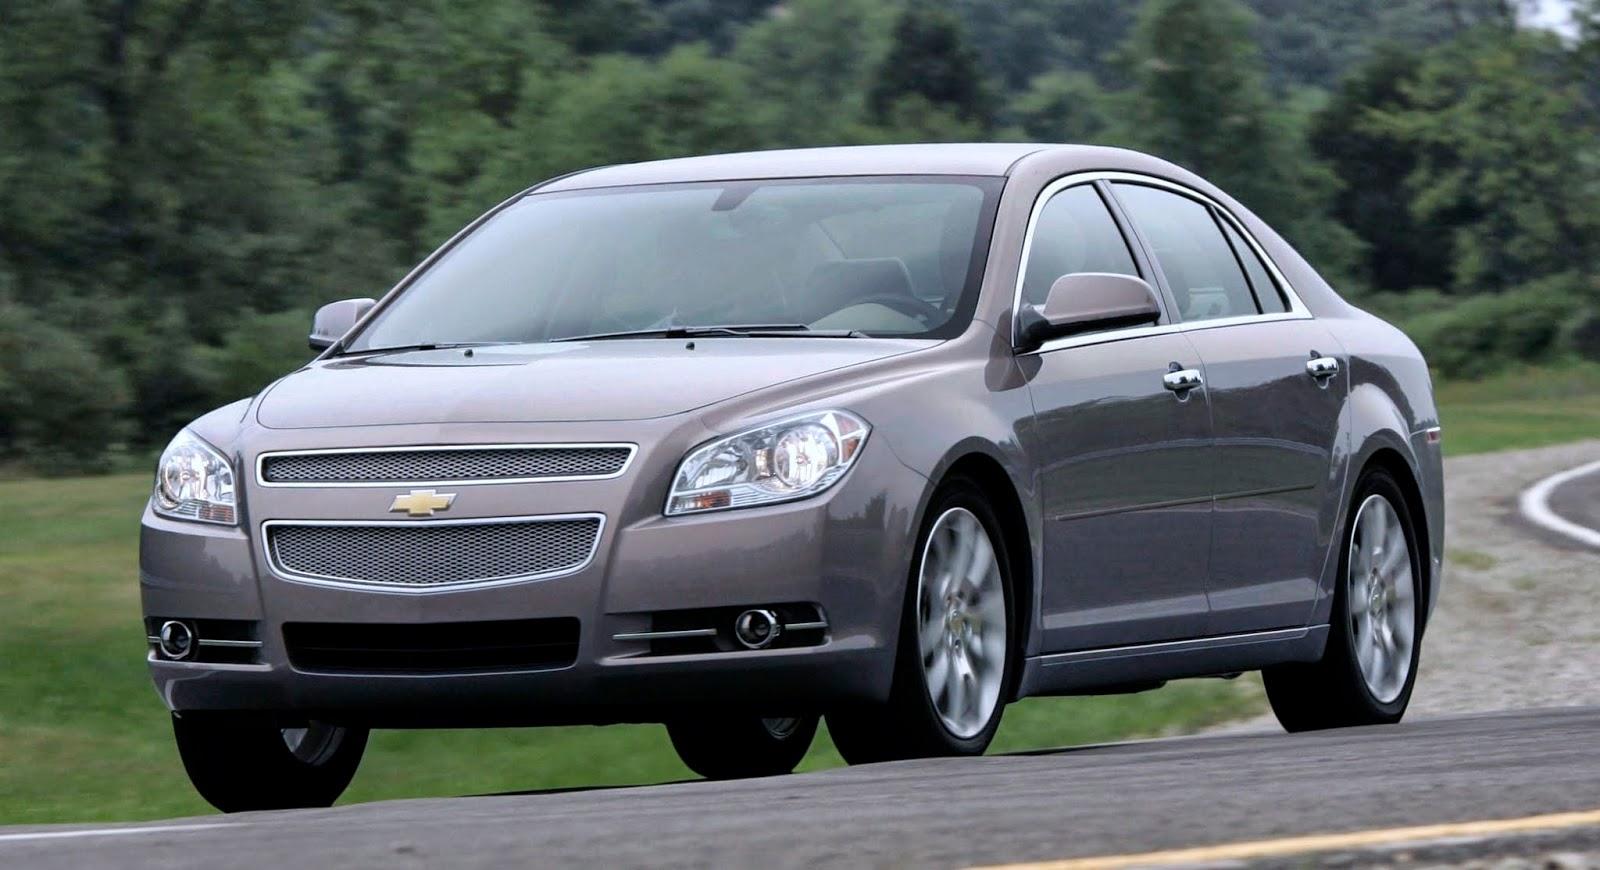 auto realidade chevrolet convoca recall para malibu 2010 a 2012. Cars Review. Best American Auto & Cars Review